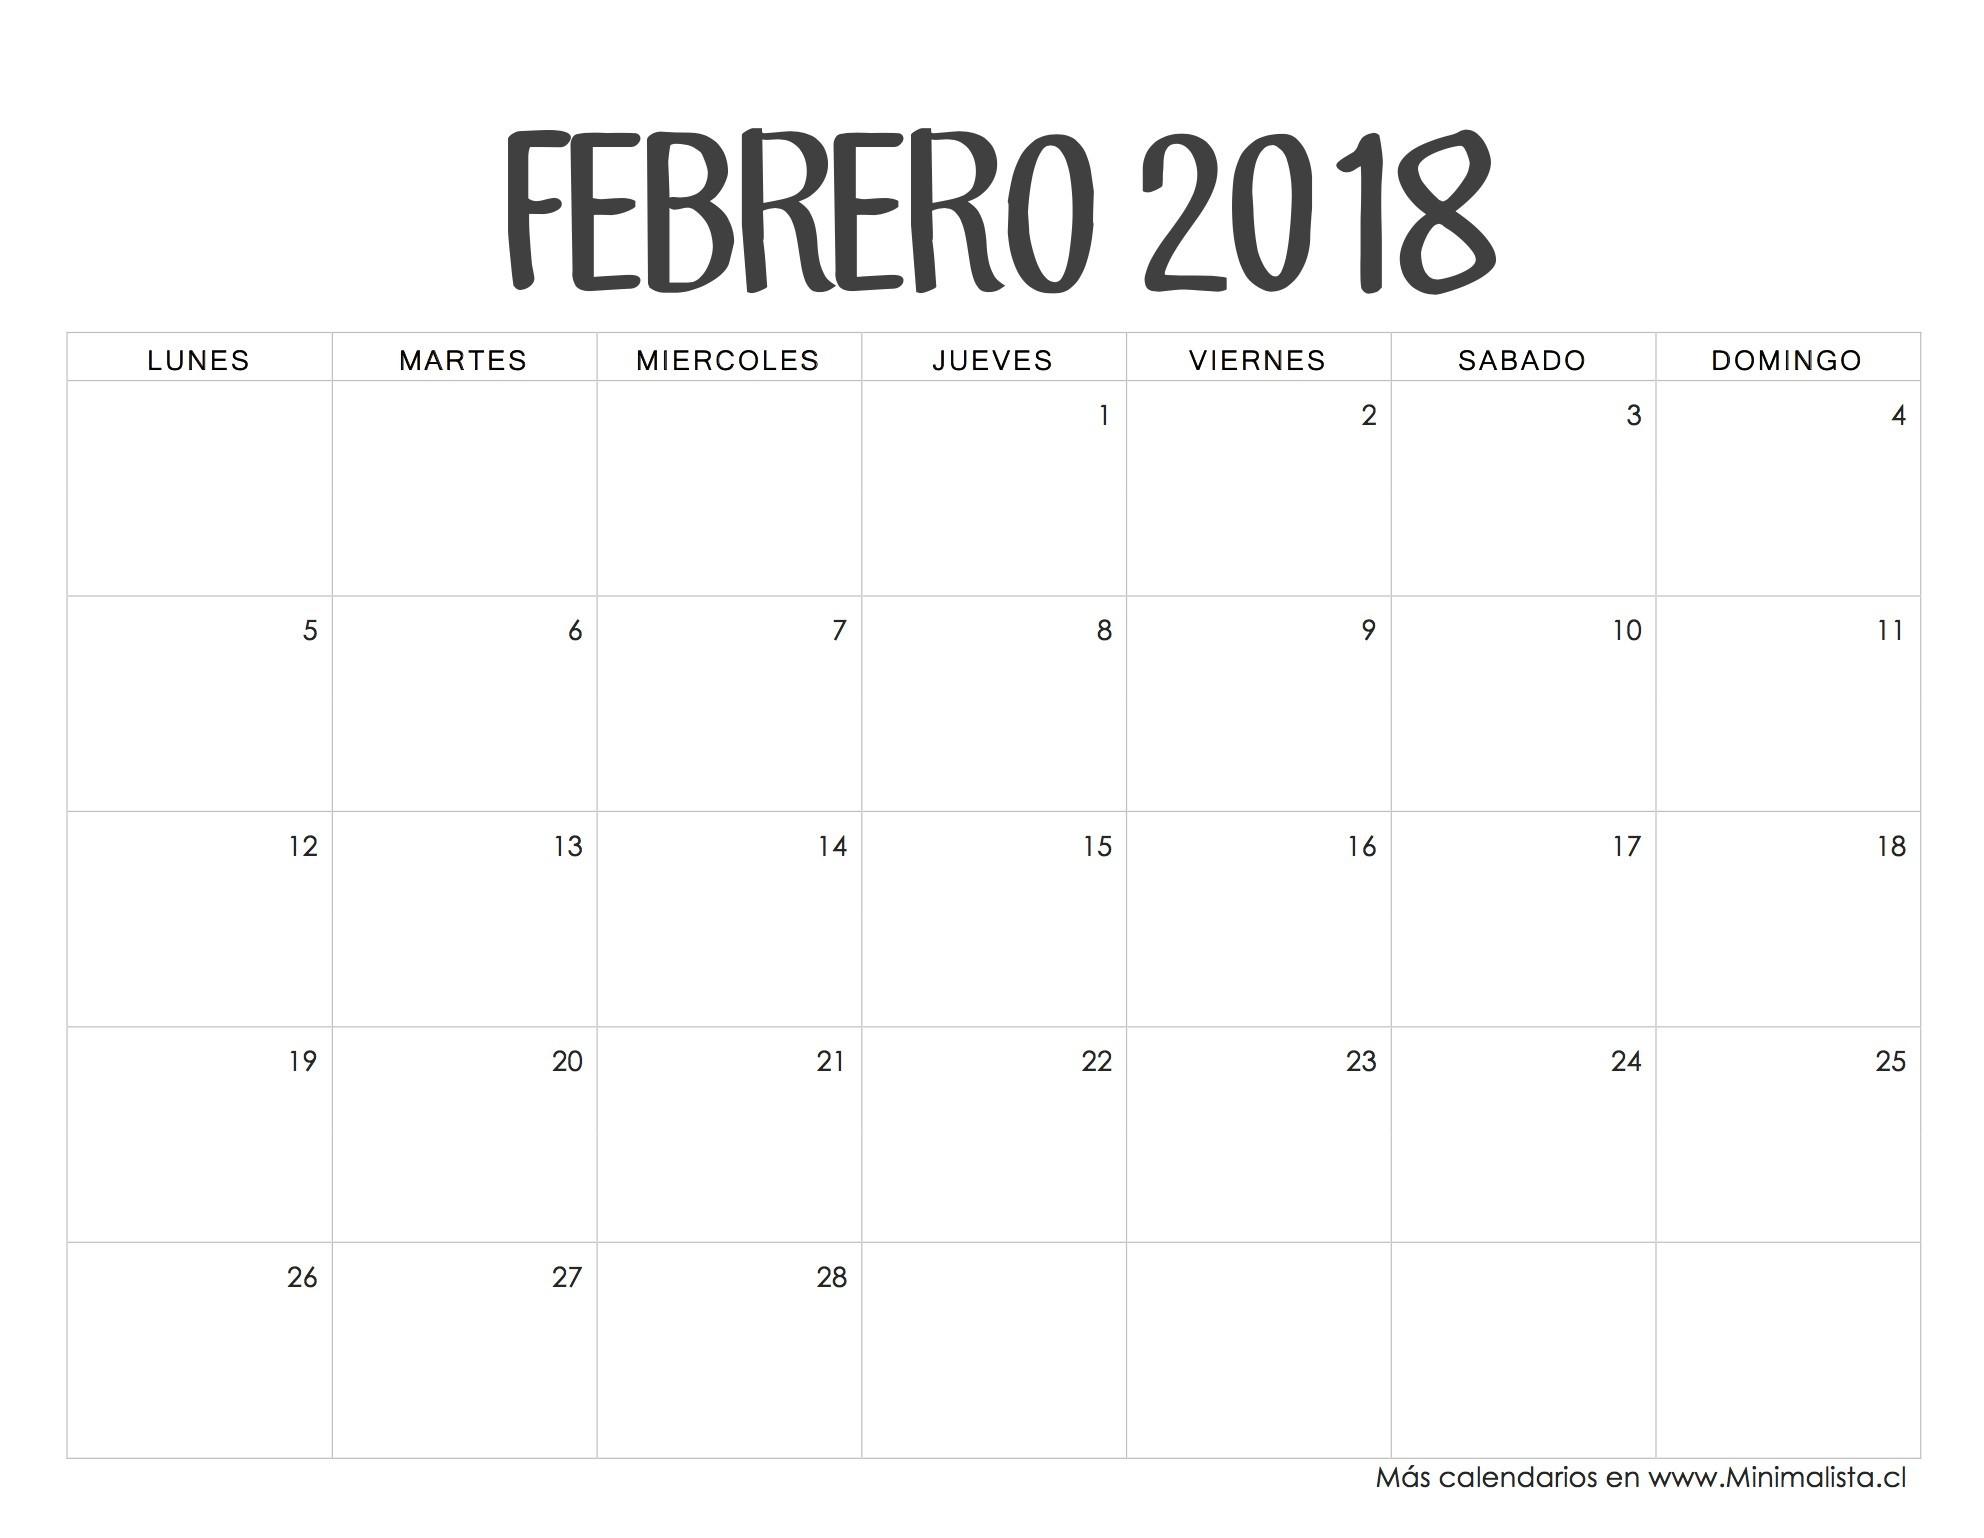 Calendario Utpl Octubre 2019 Febrero 2020 A Distancia Más Arriba-a-fecha Noticias Calendario 2019 Para Imprimir Con Feriados Mexico Of Calendario Utpl Octubre 2019 Febrero 2020 A Distancia Más Arriba-a-fecha Memorias issn Kipdf